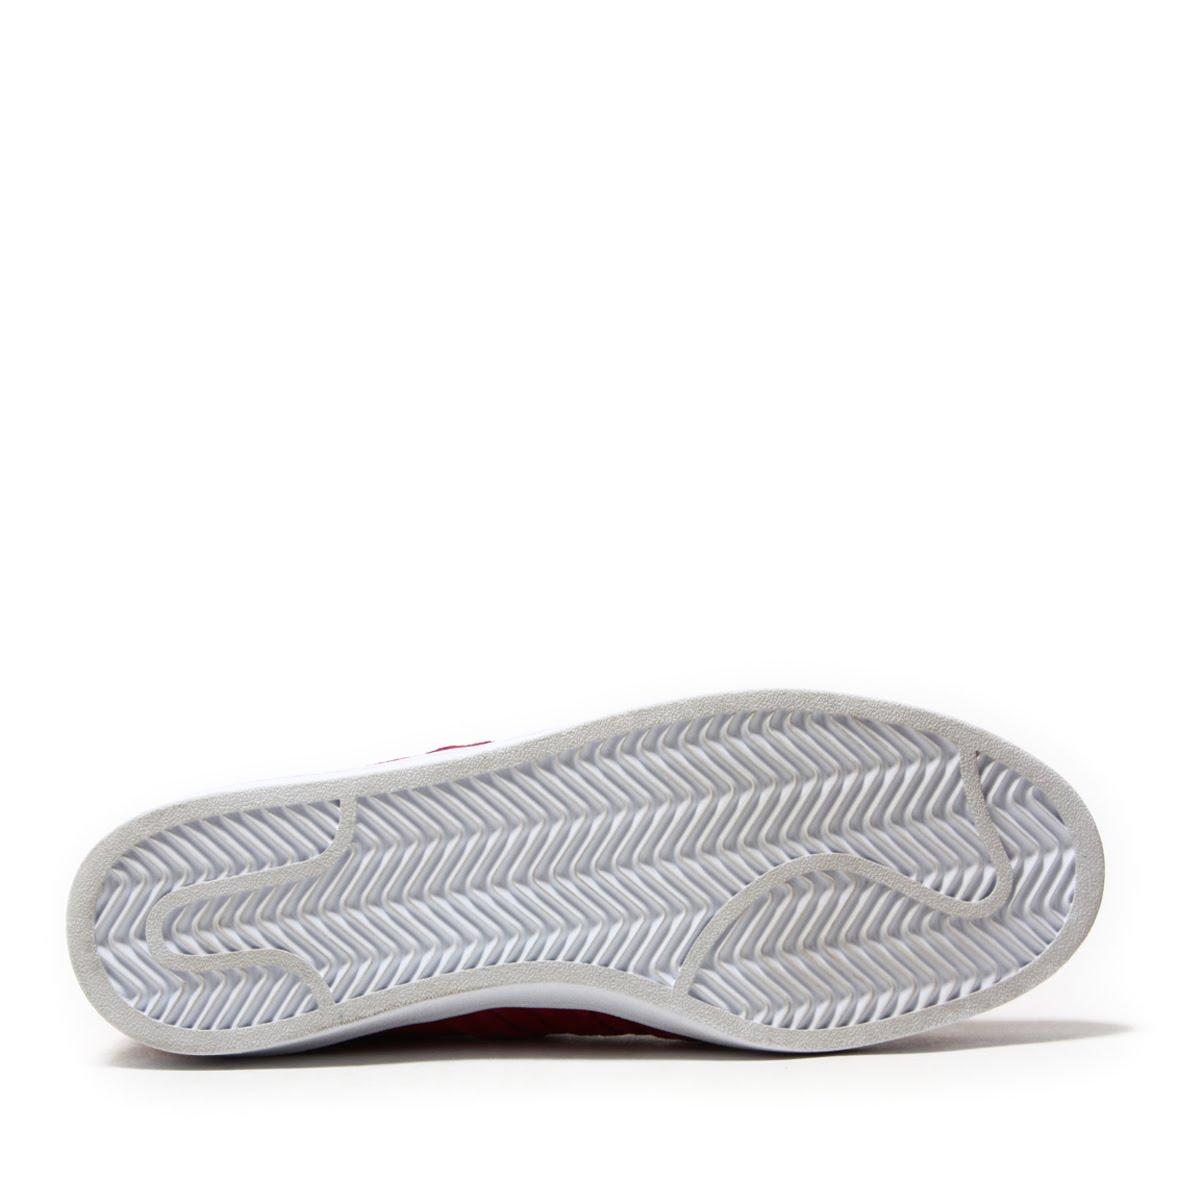 b4a99af0c7b8 adidas Originals CAMPUS STITCH AND TURN (Adidas original scan pass stitch  and turn) (mystery ruby F17  mystery ruby F17  running white) 18SS-I